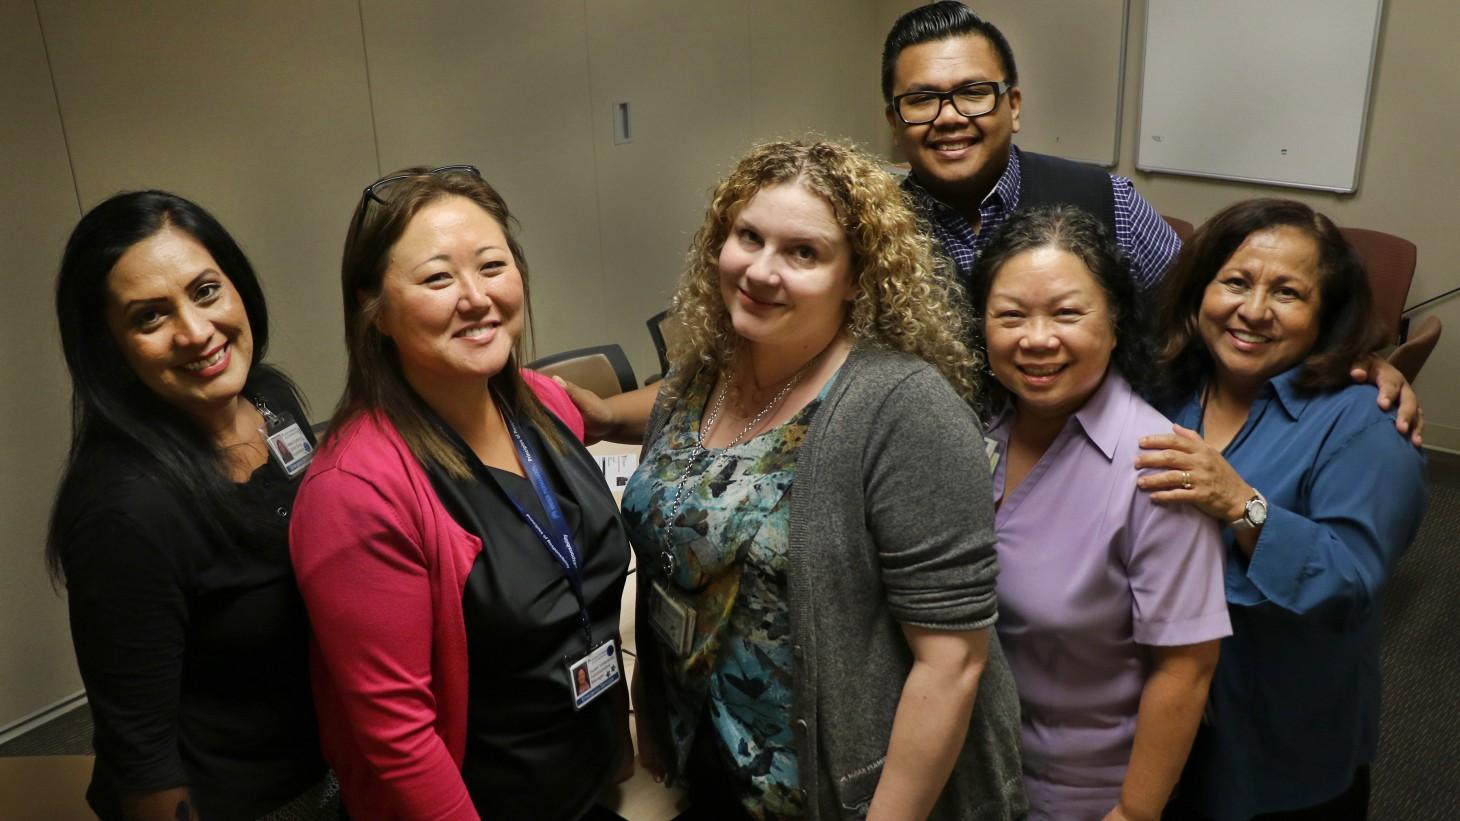 A South Sacramento unit-based team